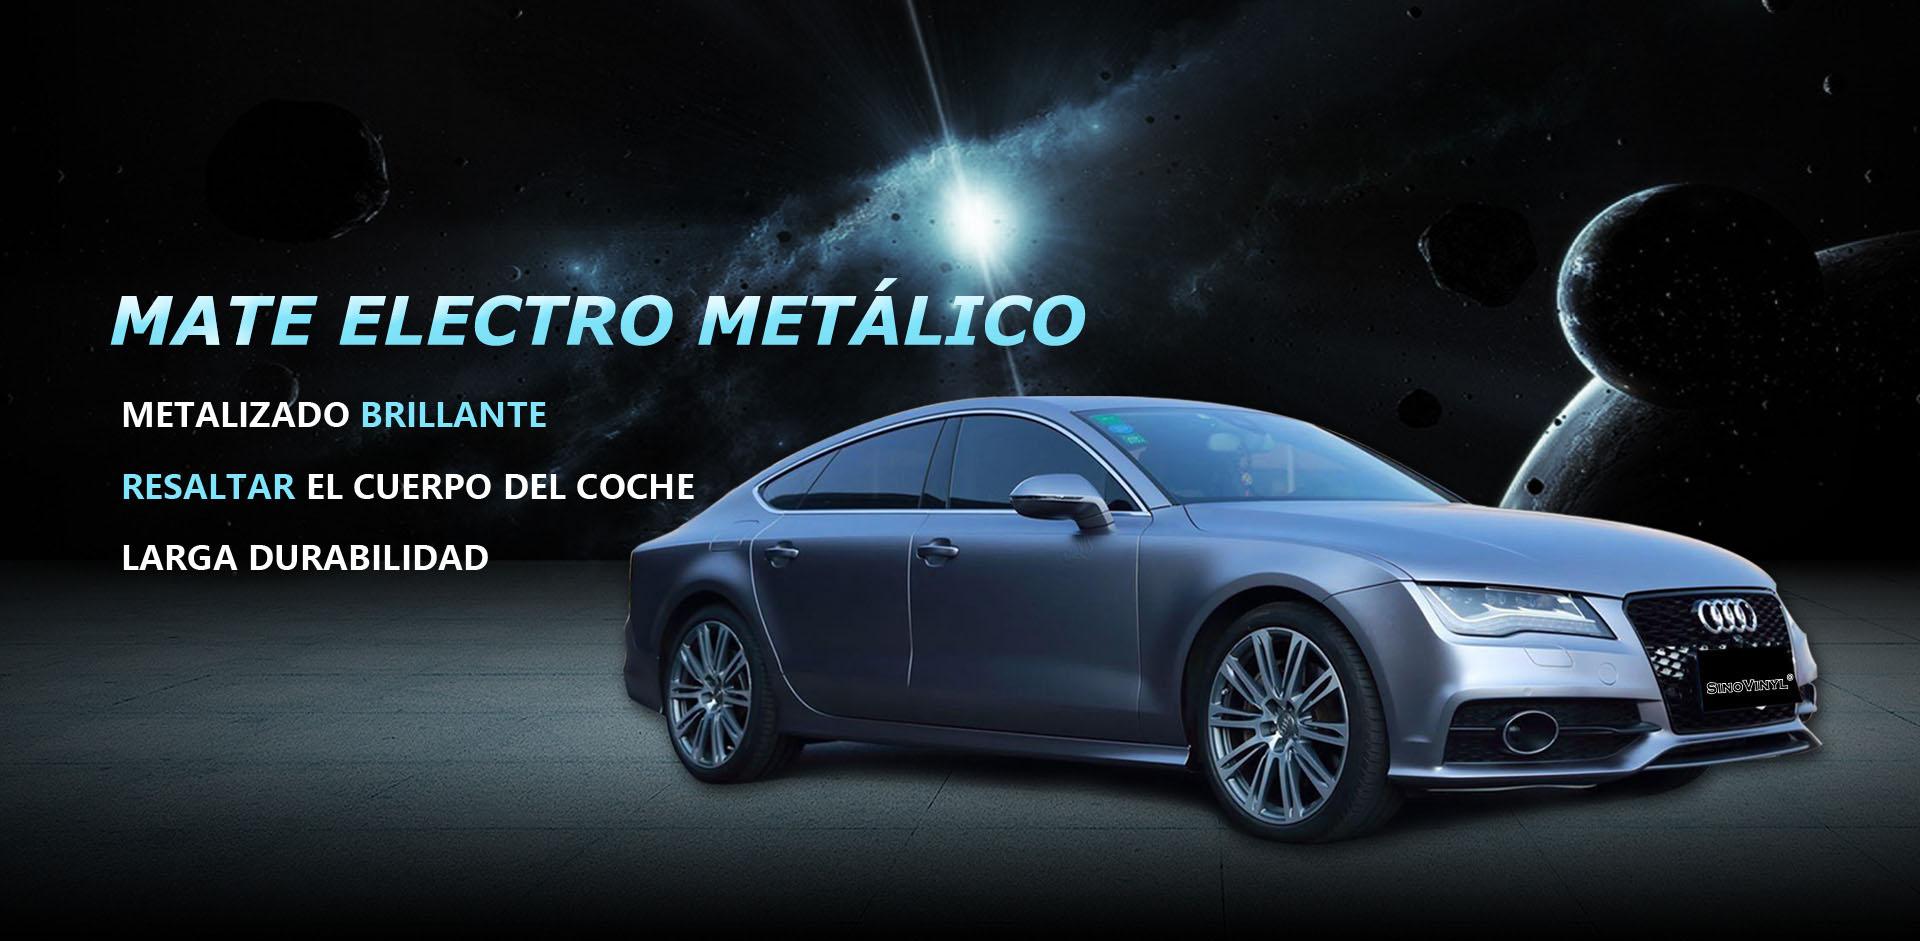 CARLIKE CL-EM Envoltura de automóvil de vinilo metalizado mate